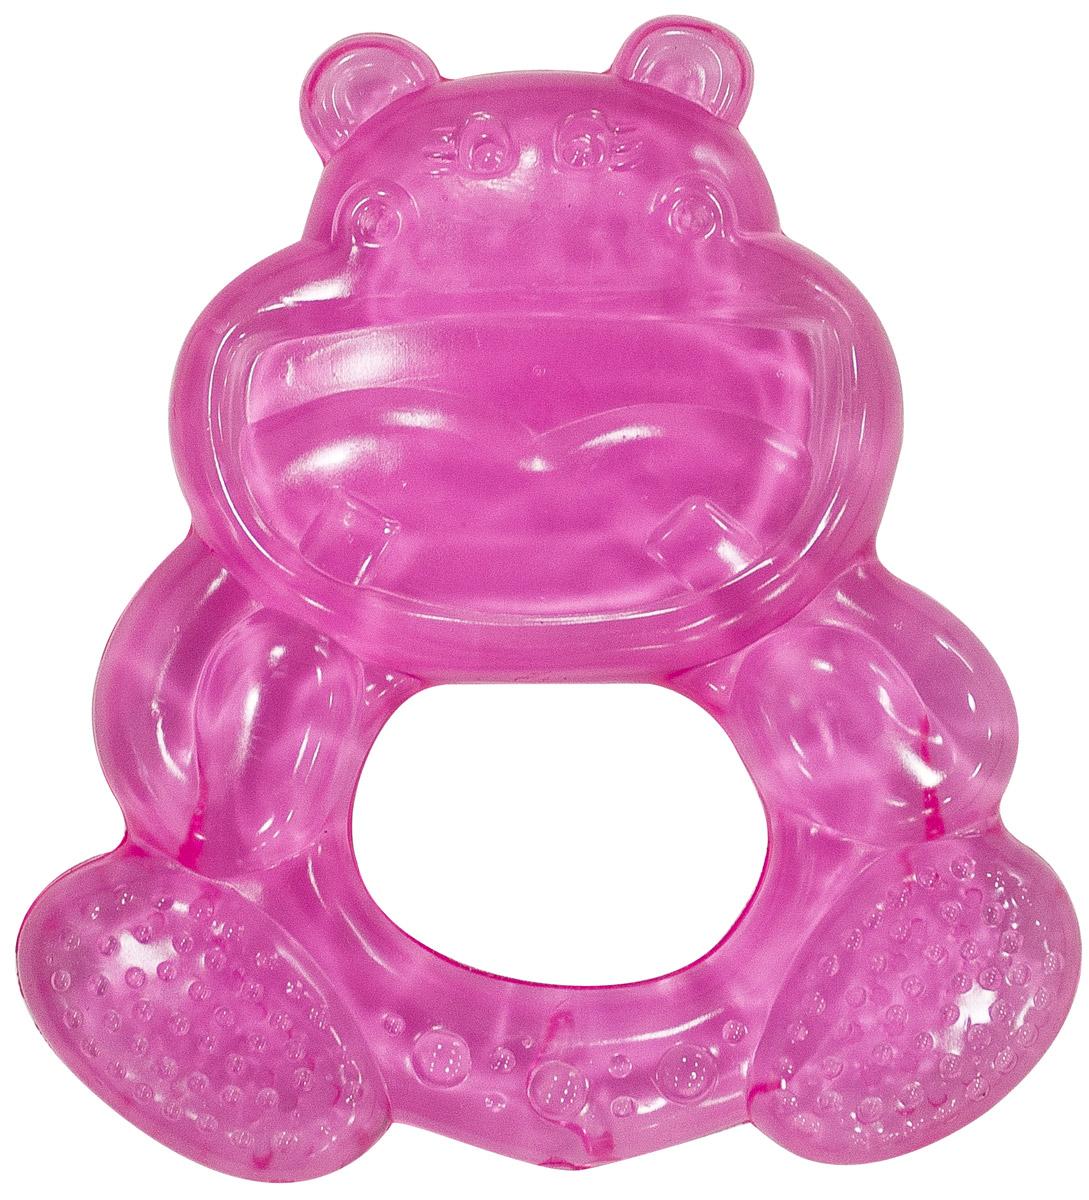 Canpol Babies Прорезыватель водный охлаждающий Бегемотик цвет розовый canpol babies прорезыватель водный с погремушкой лапка 0 canpol babies розовый